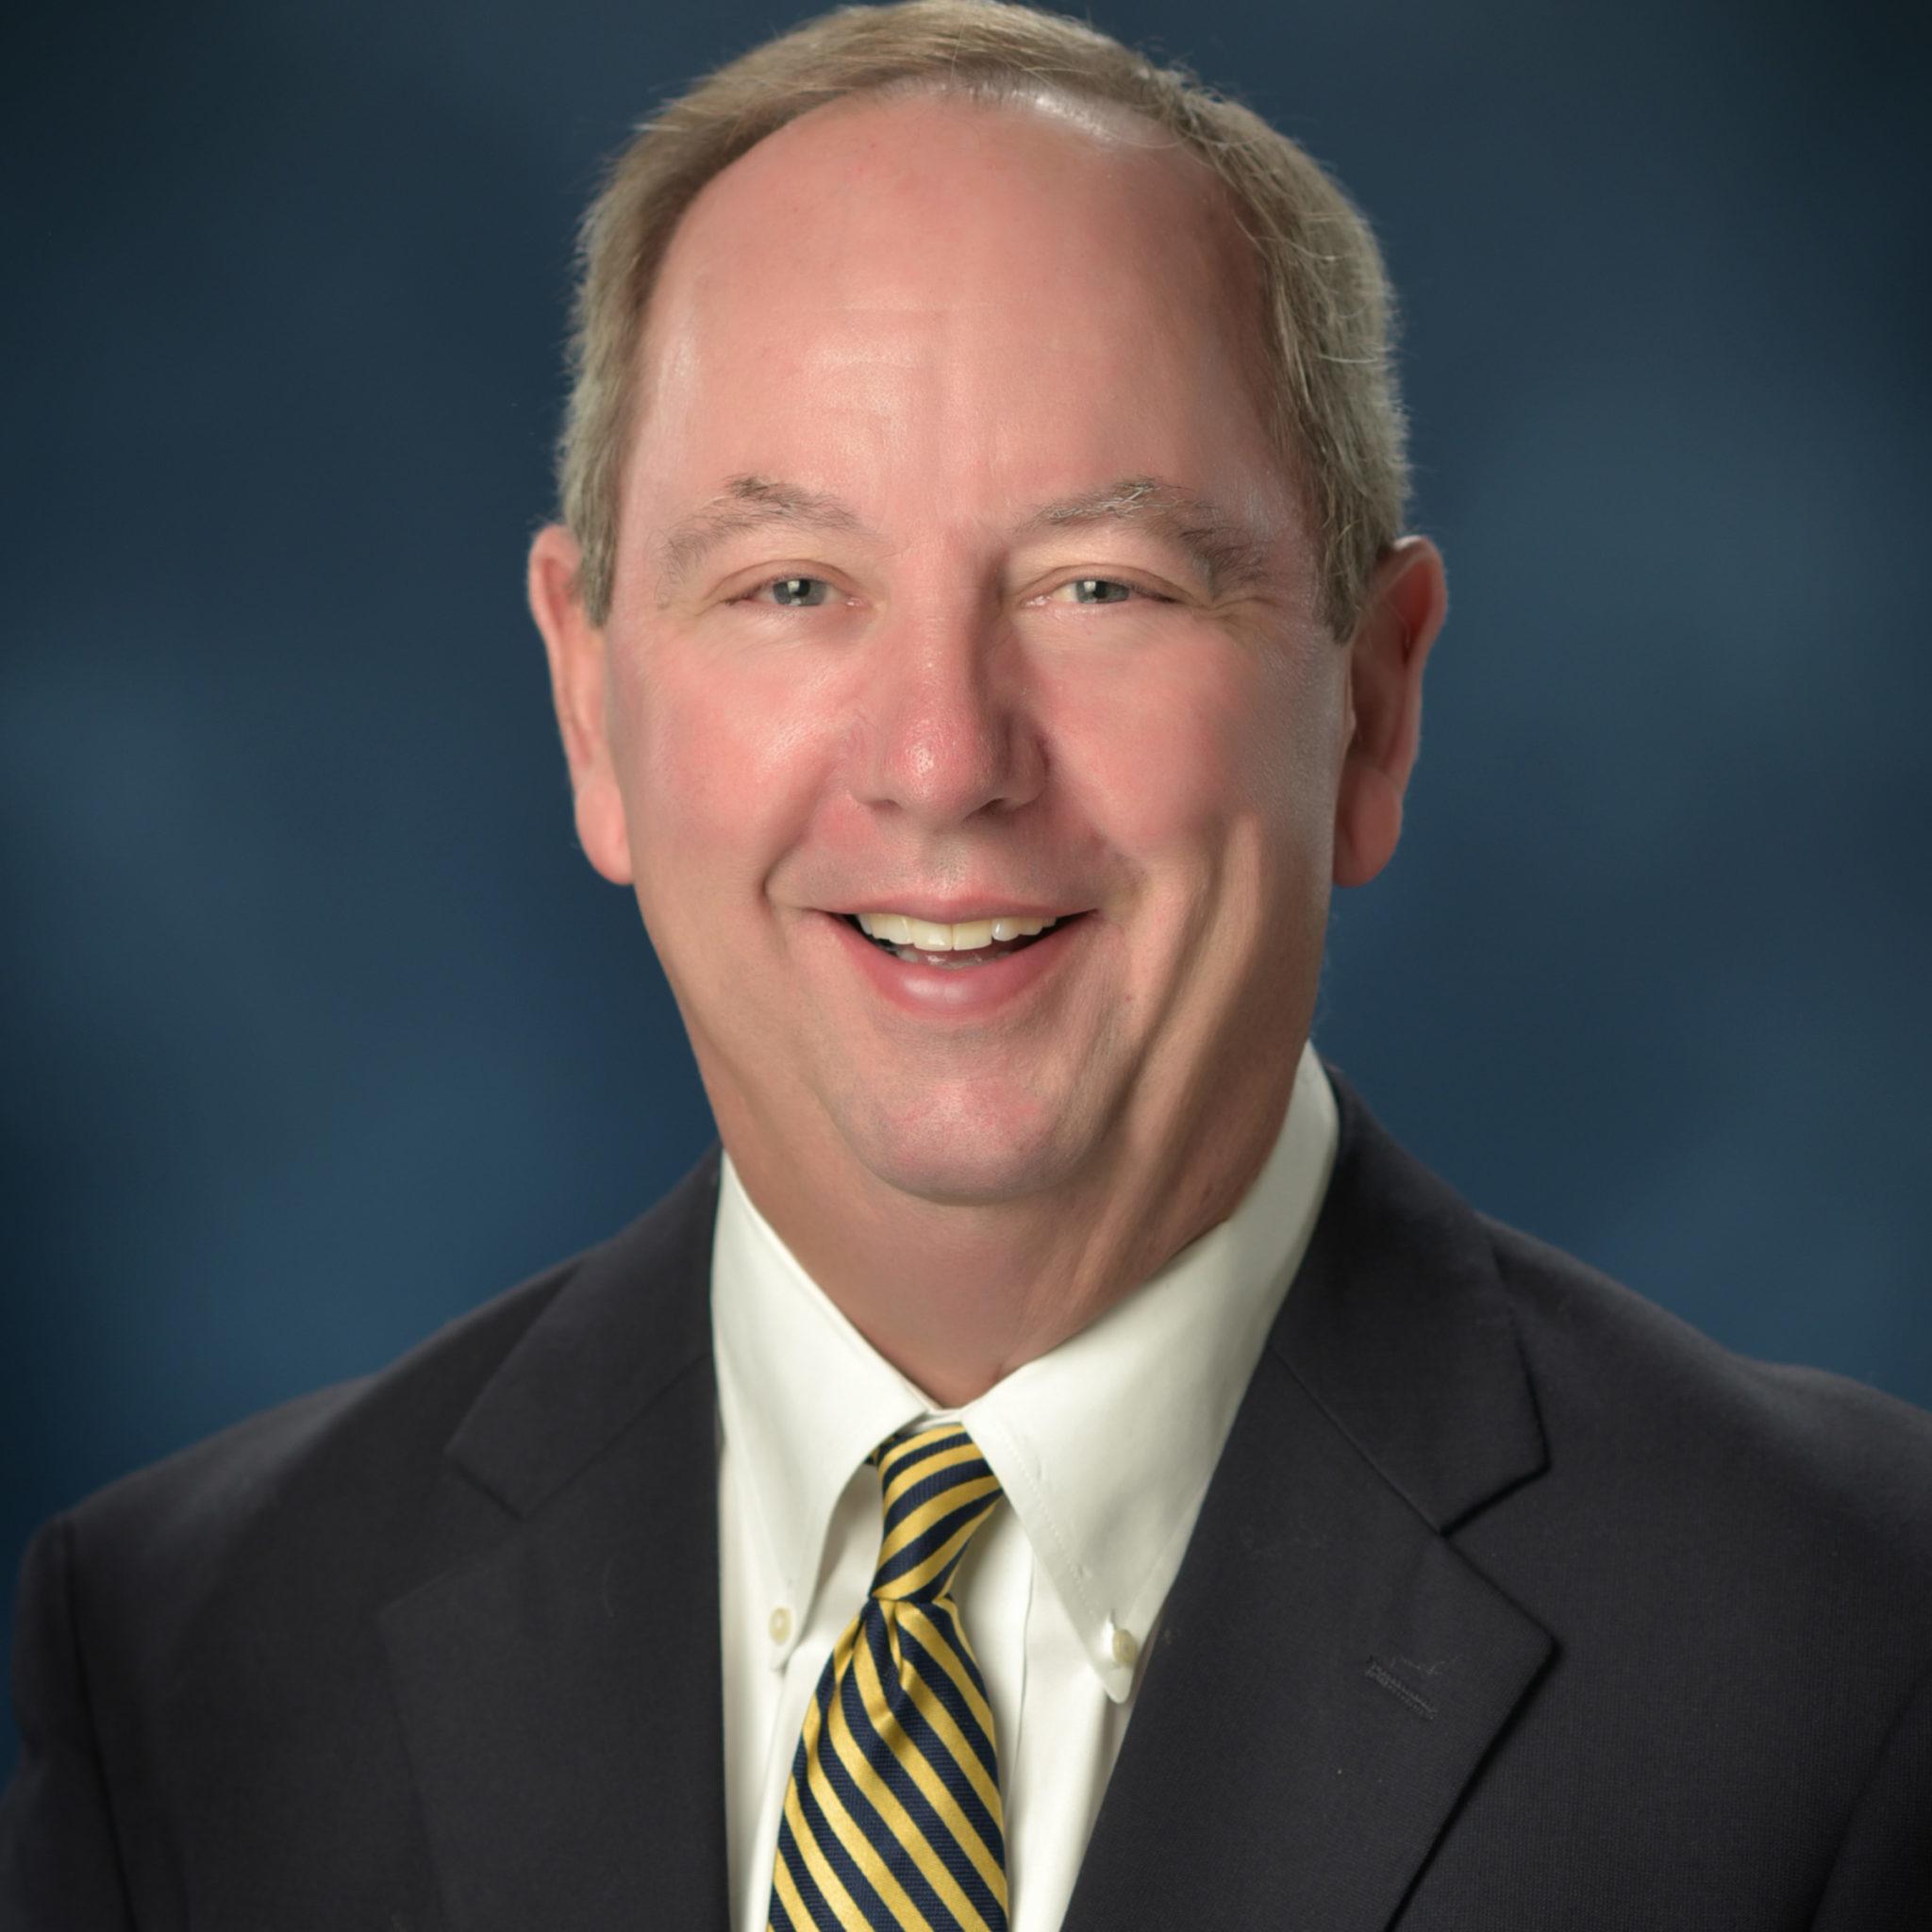 Mike McGroarty Sr